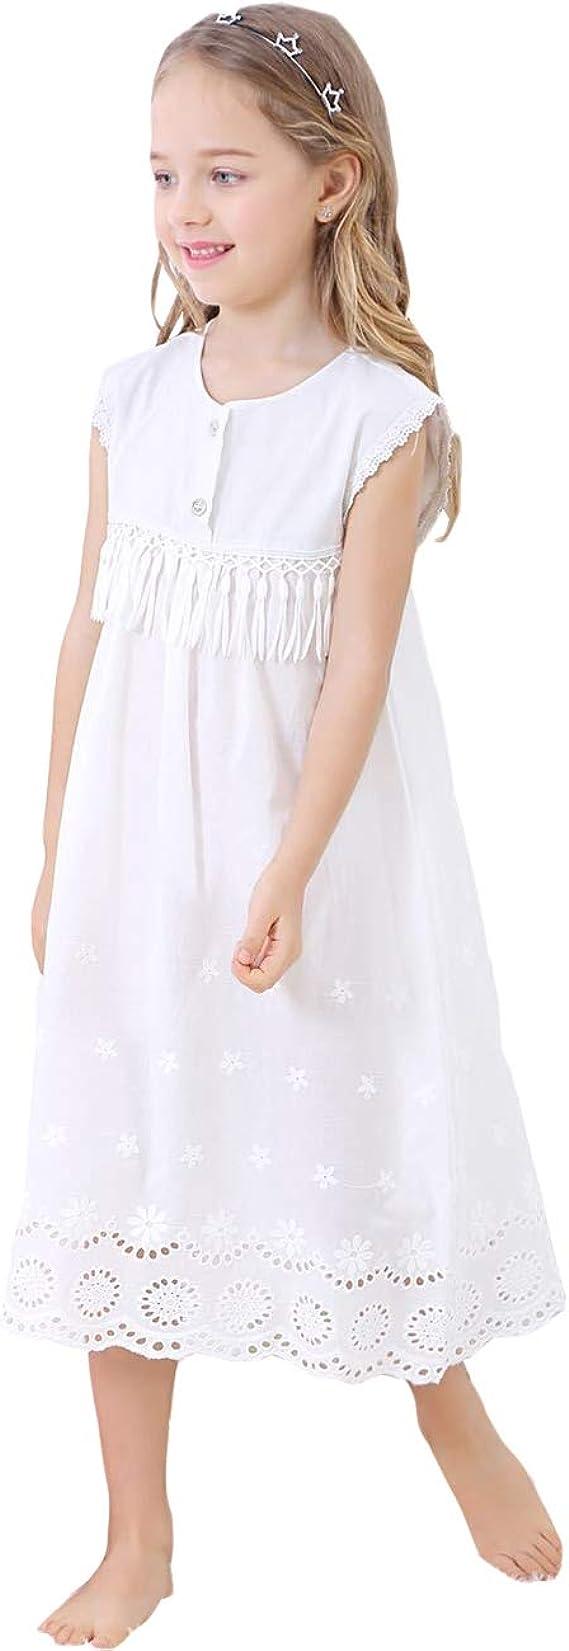 Gaga city Camicia da Notte da Principessa per Donna e Ragazza Abito da Pigiama a Maniche Lunghe Bianco 100/% Comodo Vintage Vestito